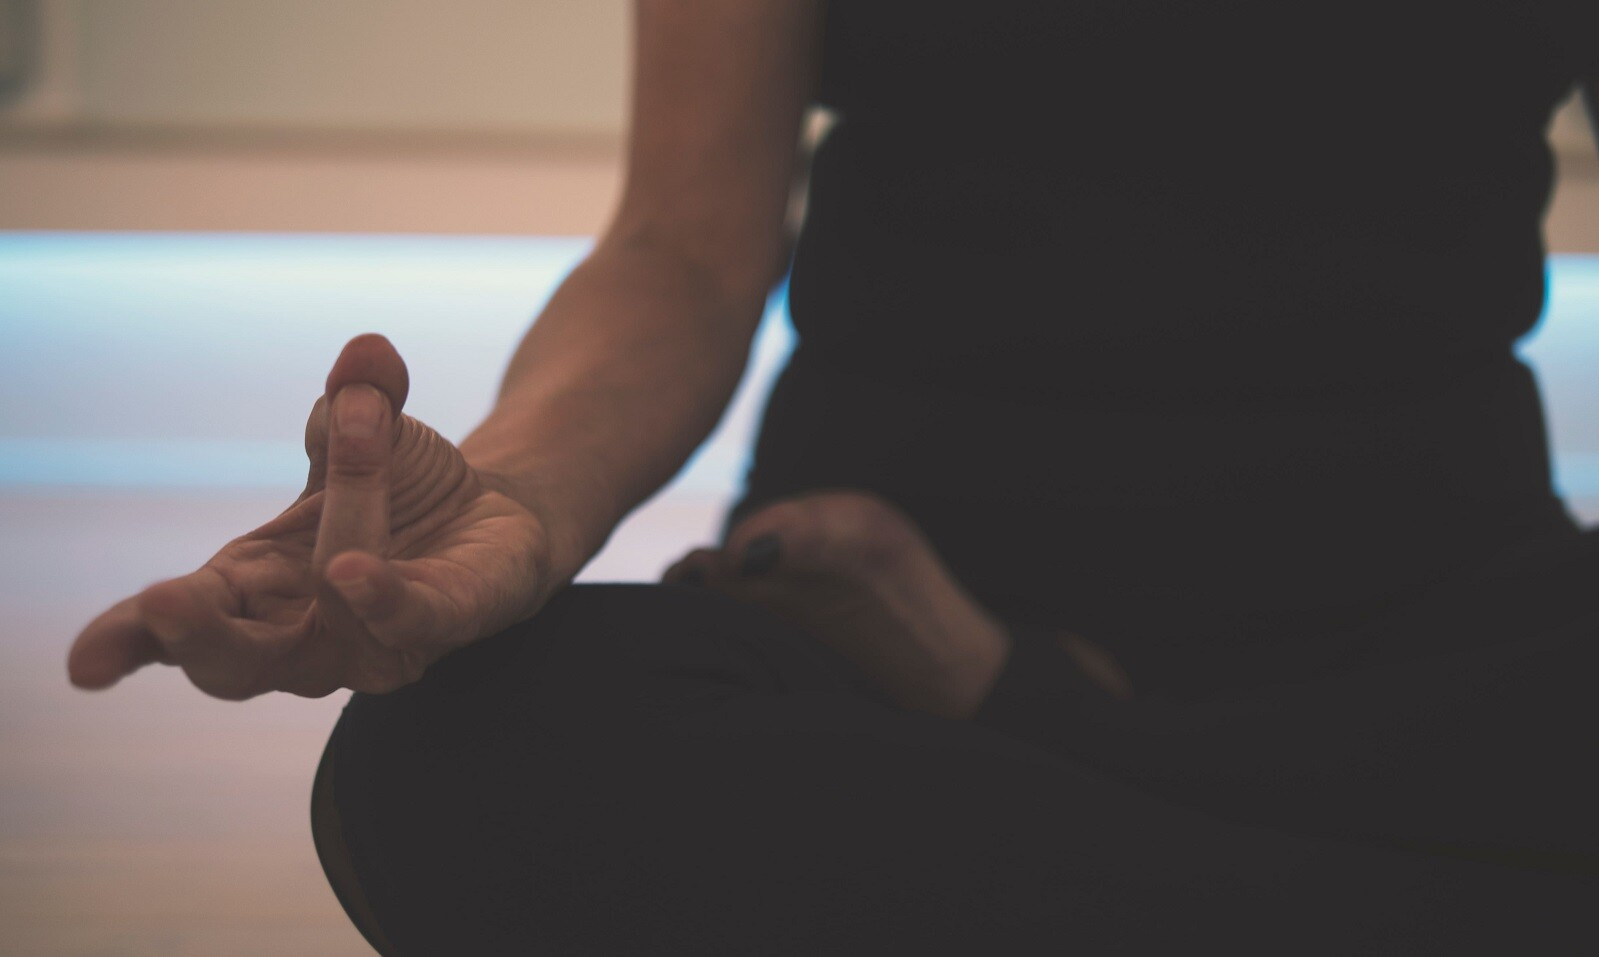 meditação e trabalho - imagem de mulher praticando meditação, sentada no chão